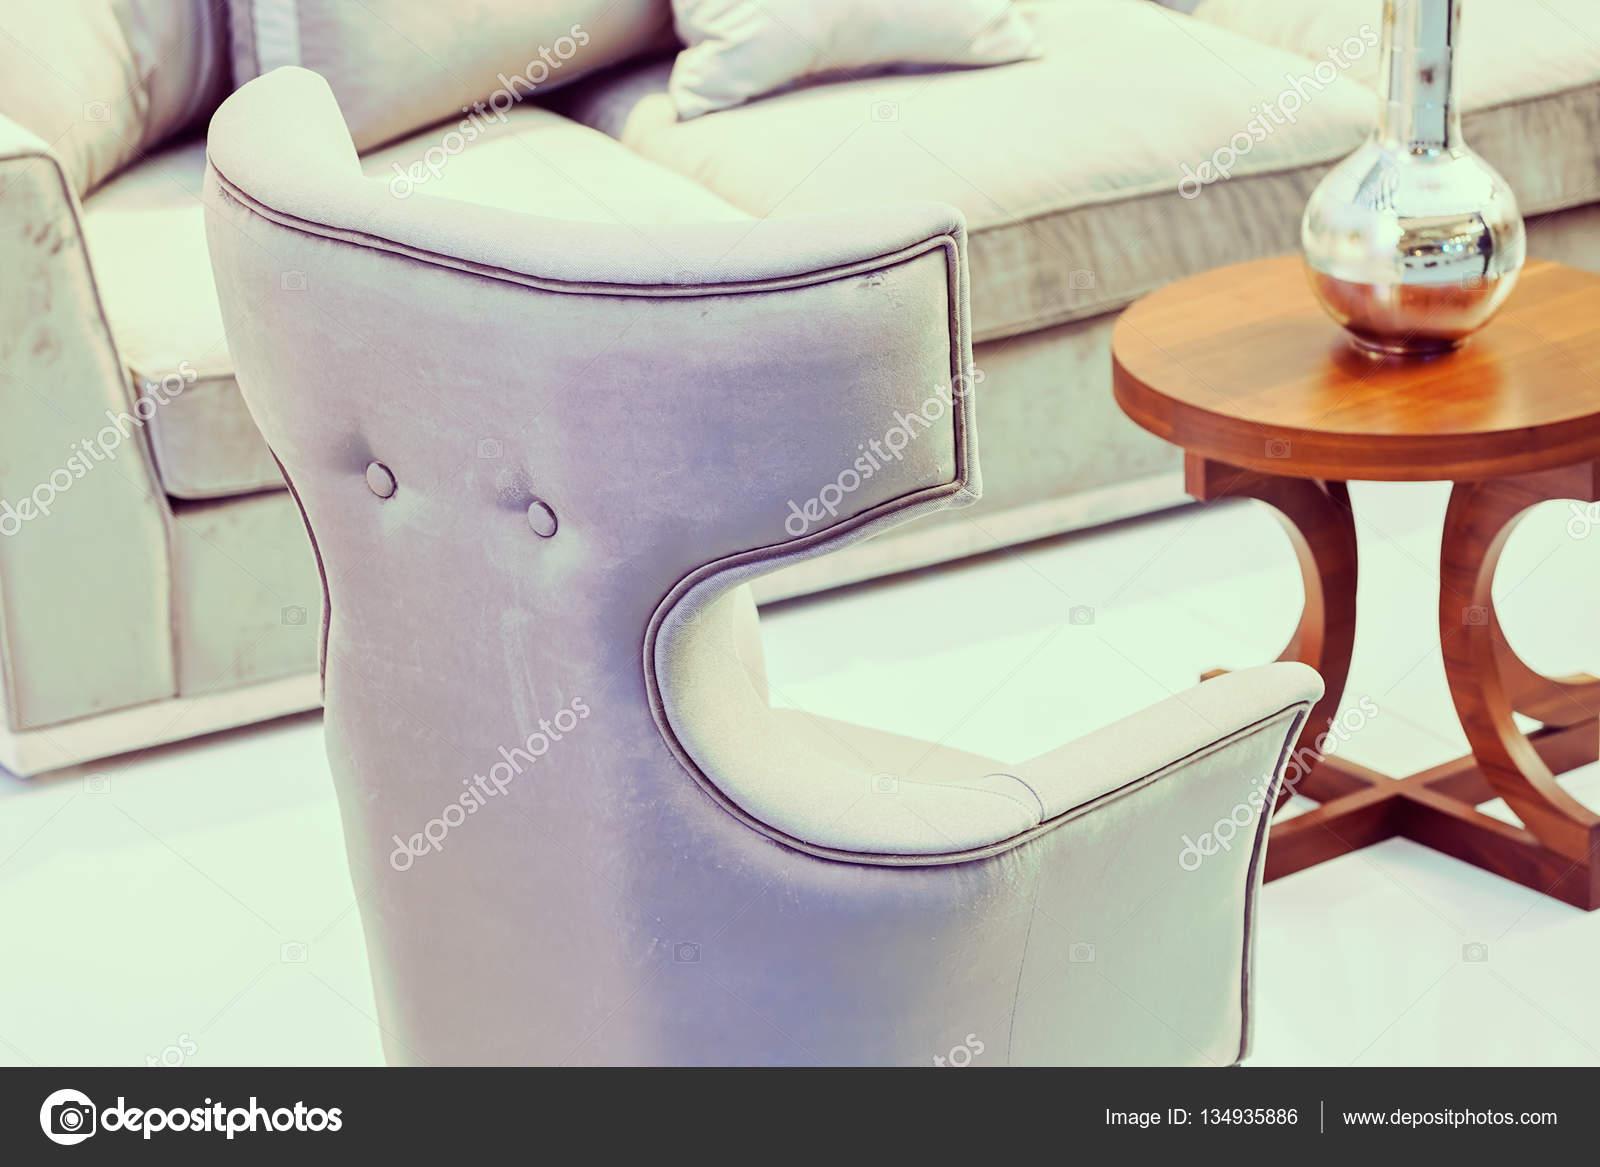 Geräumig Außergewöhnliche Sessel Galerie Von Außergewöhnliche Im Innenraum — Stockfoto